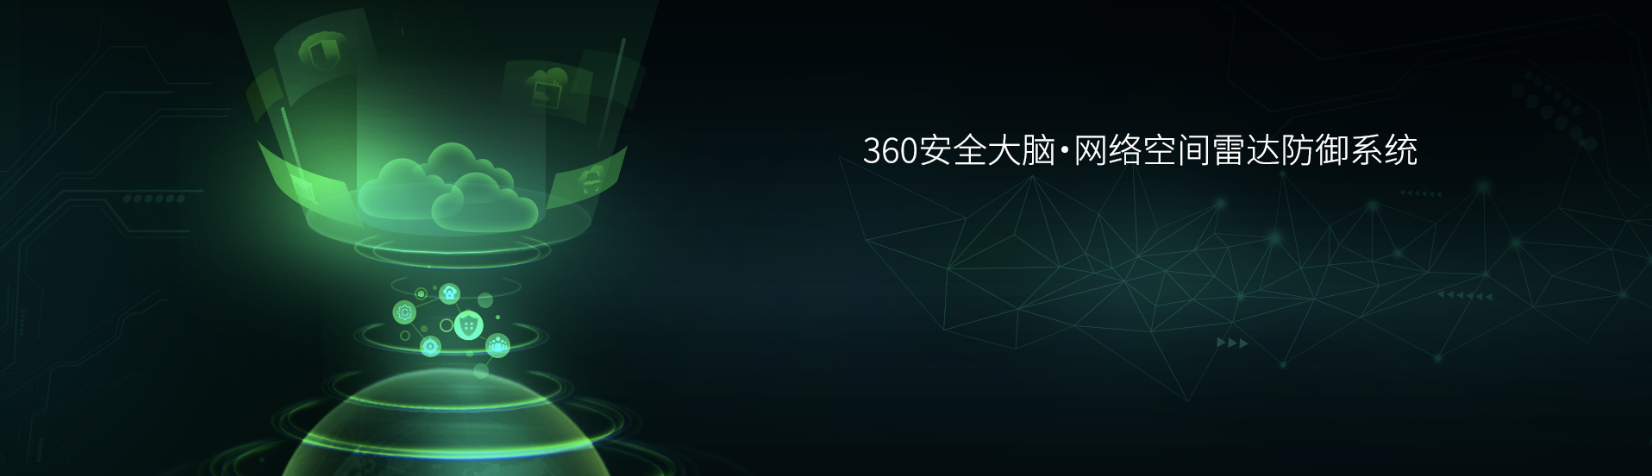 360安全大腦